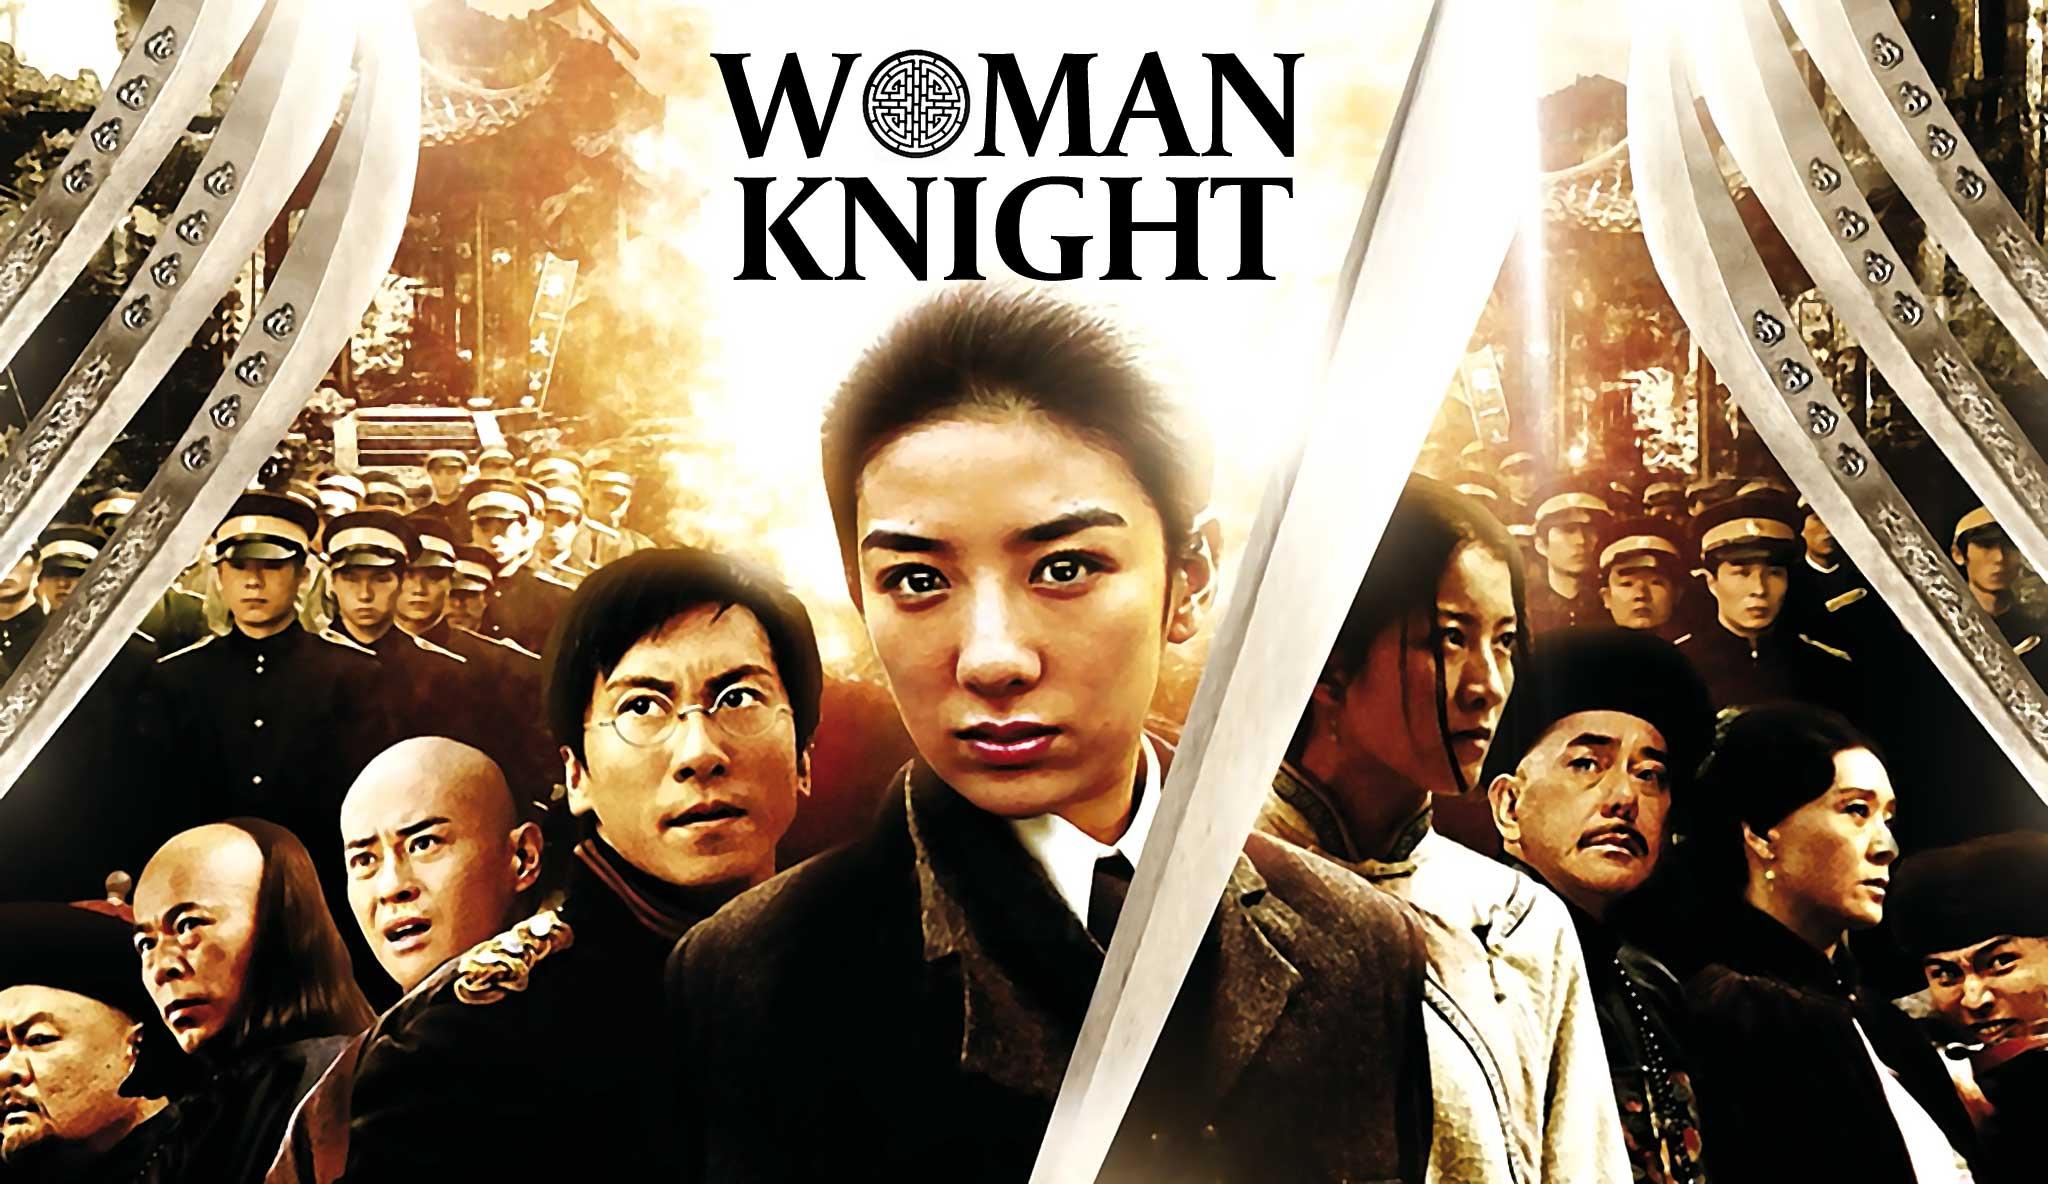 woman-knight\header.jpg